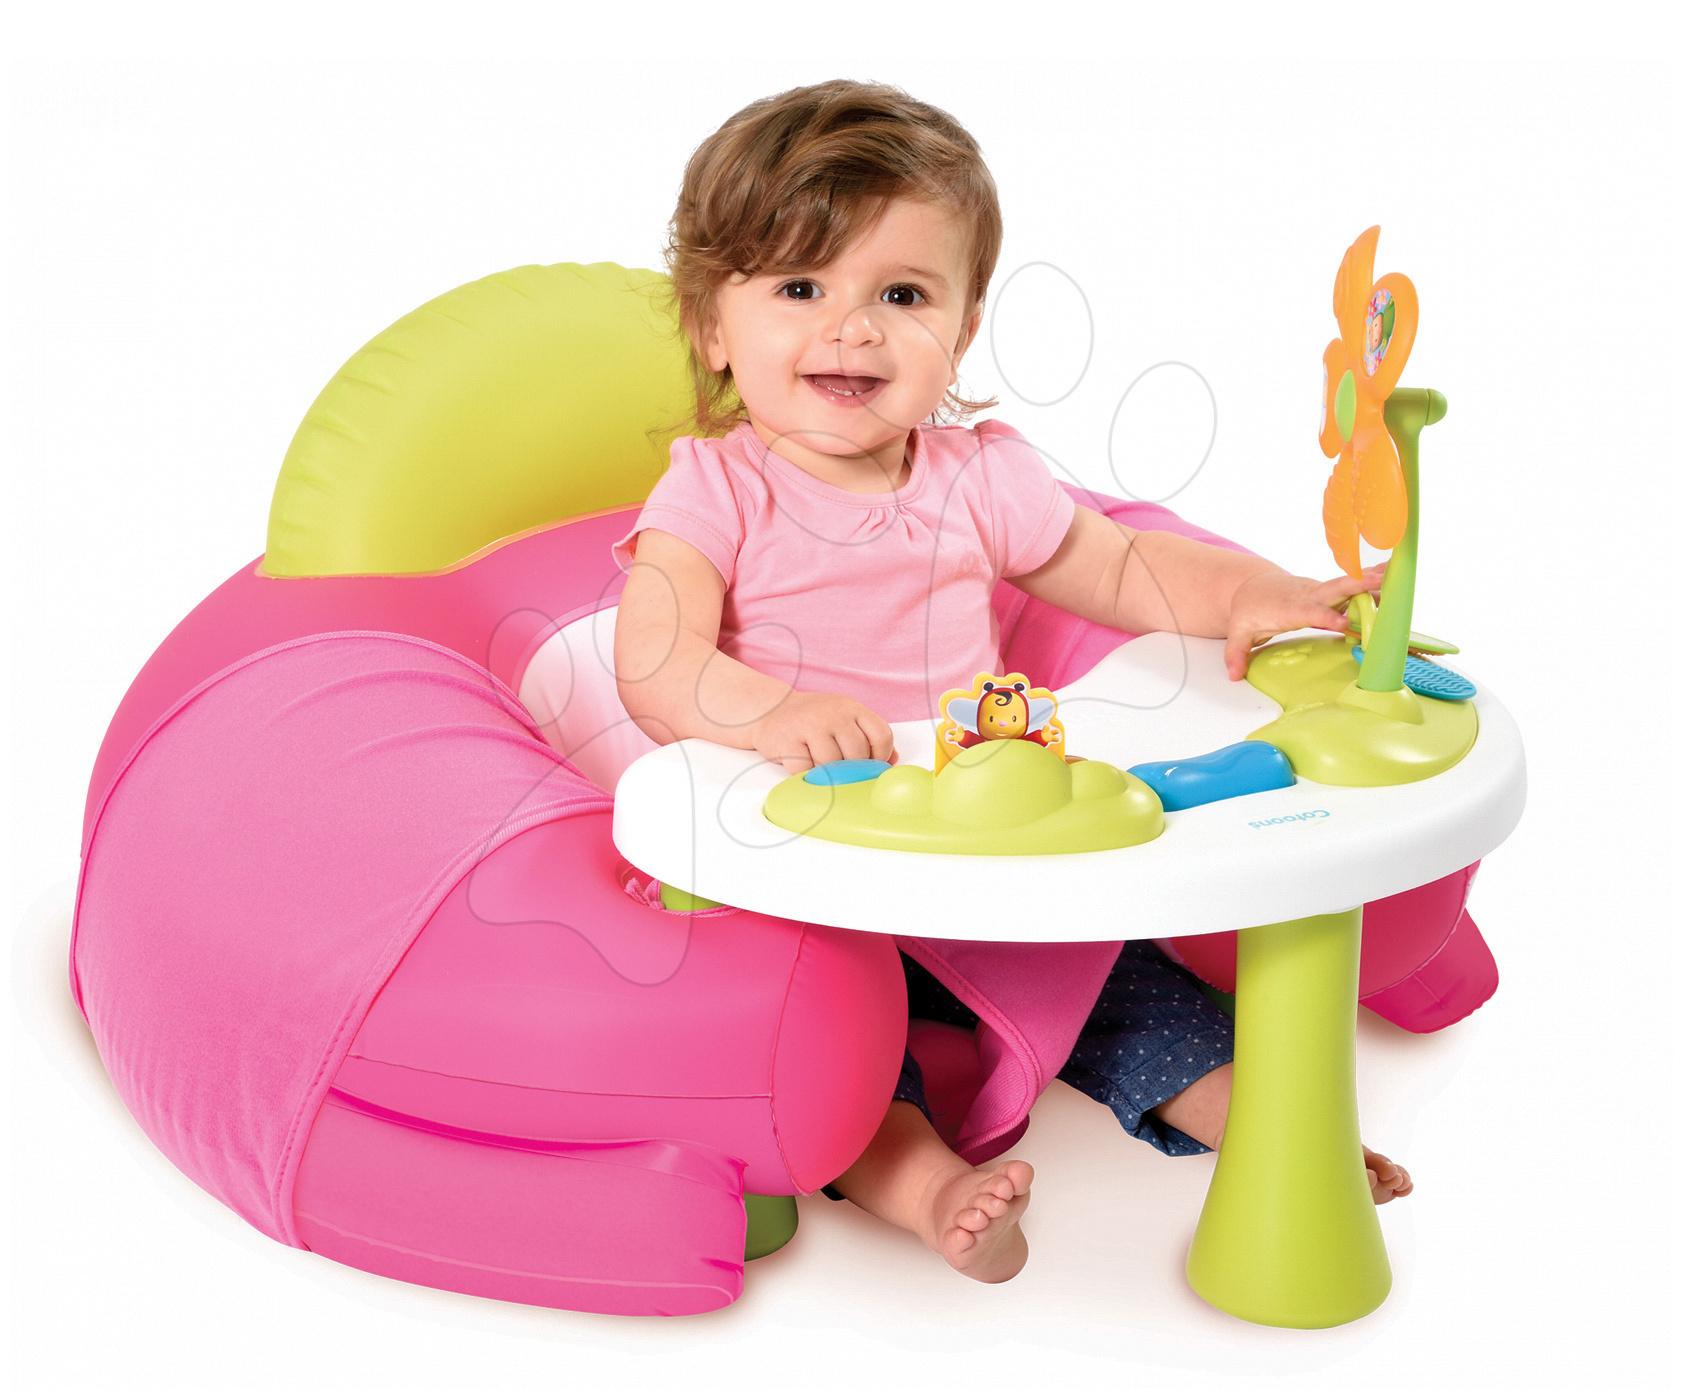 Fotel gonflabil Cotoons Cosy Seat Smoby cu măsuţă pentru dezvoltarea abilităţilor roz de la 6 luni